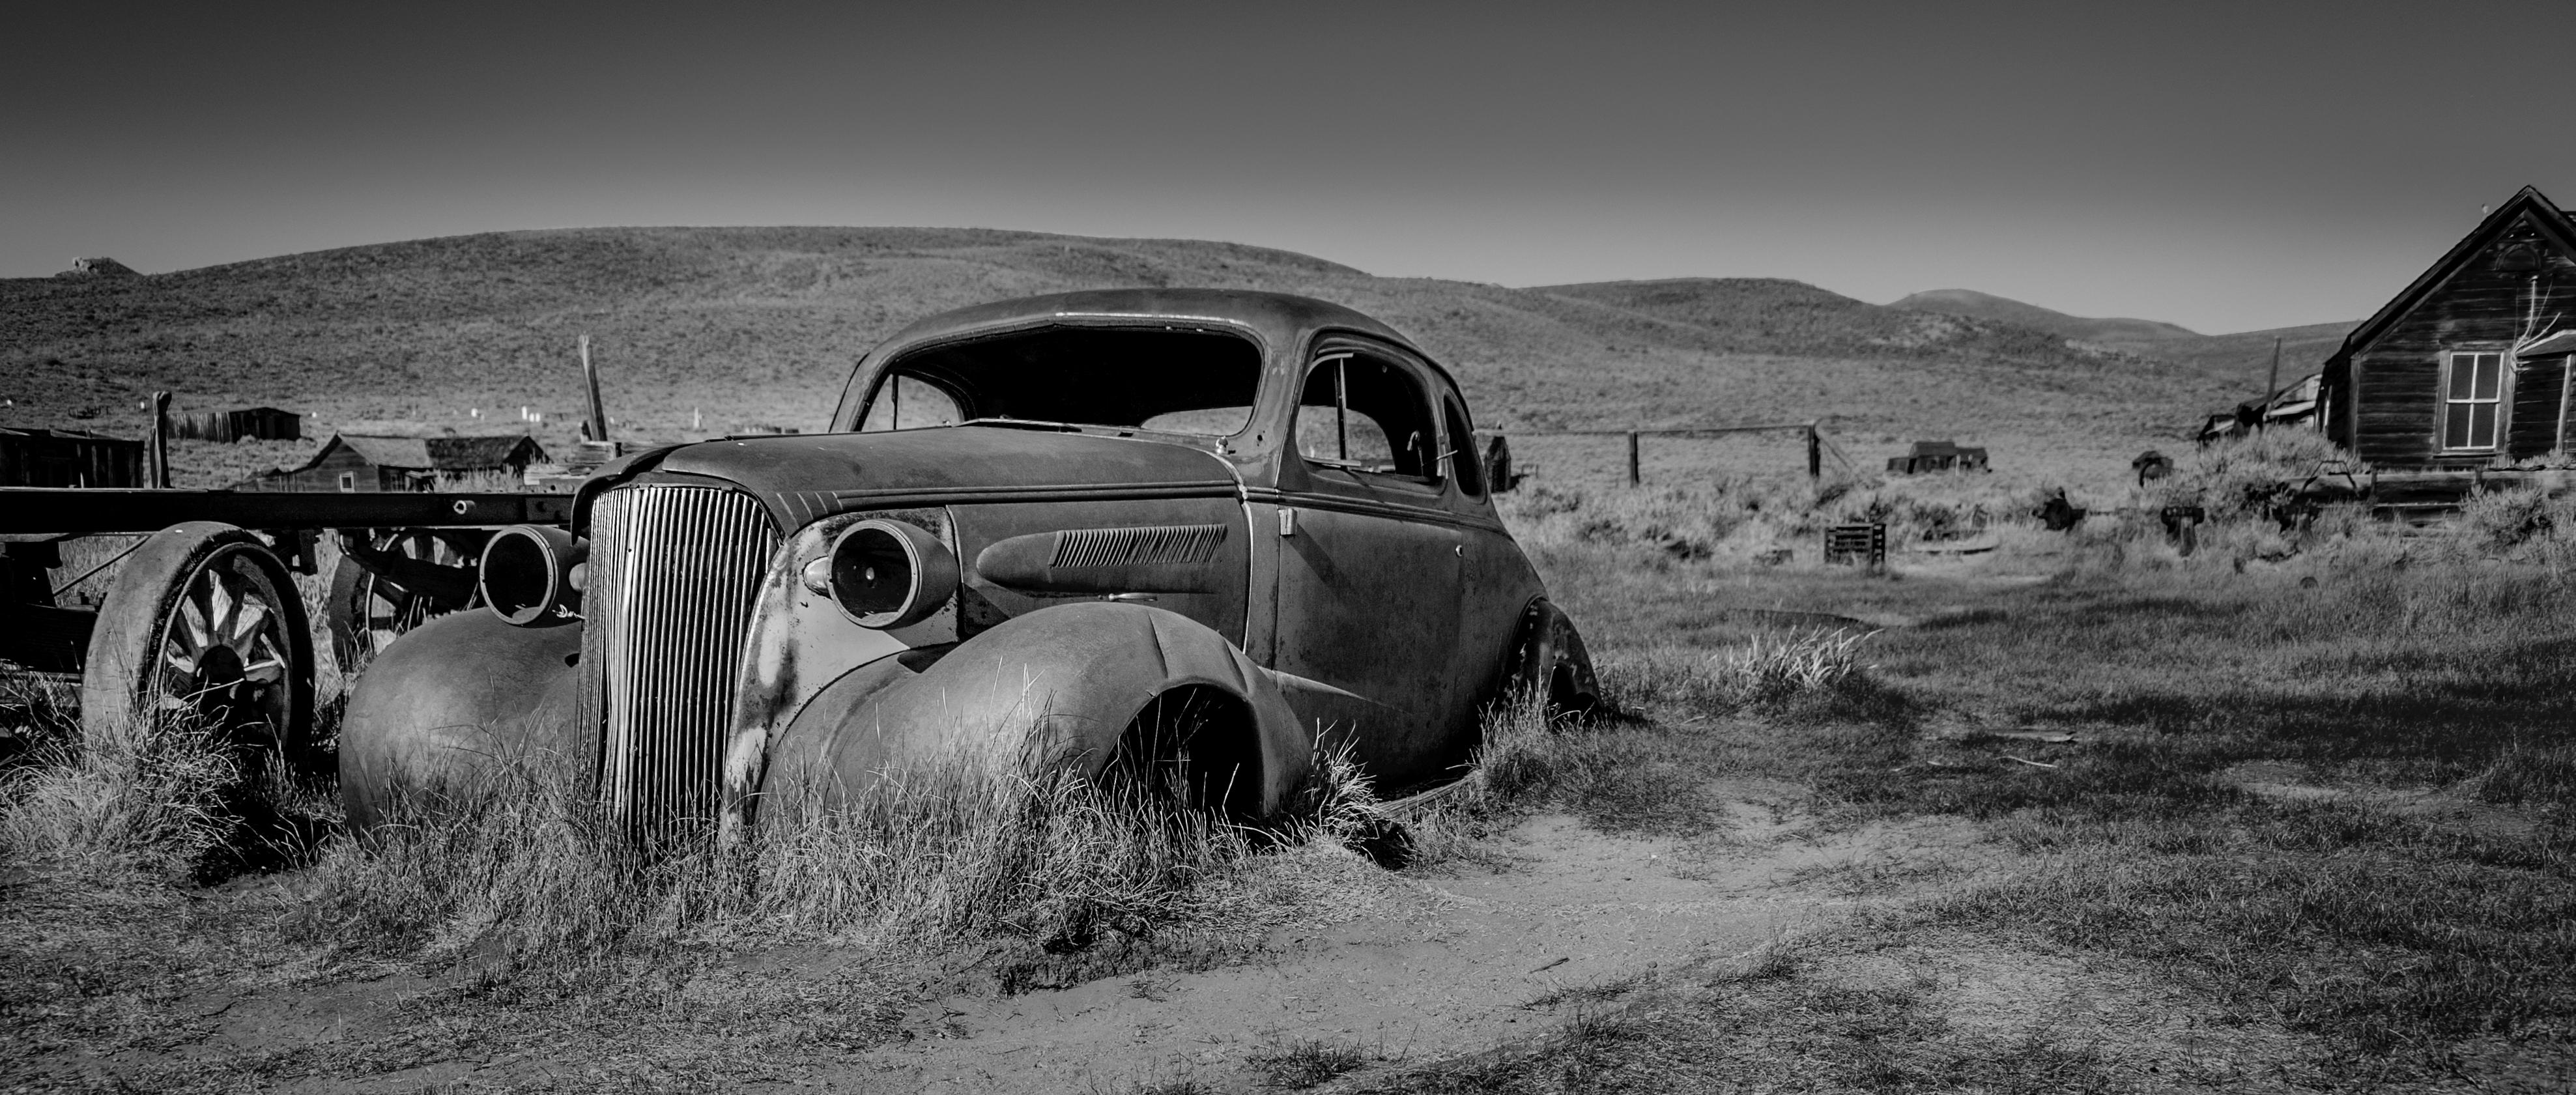 Wallpaper : landscape, ruin, sky, park, historic, California, decay ...